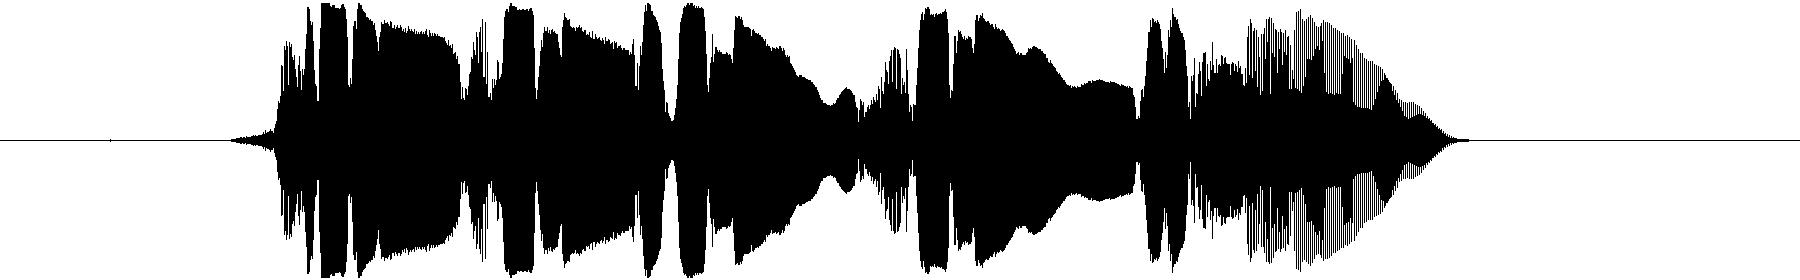 saxsoloe 1